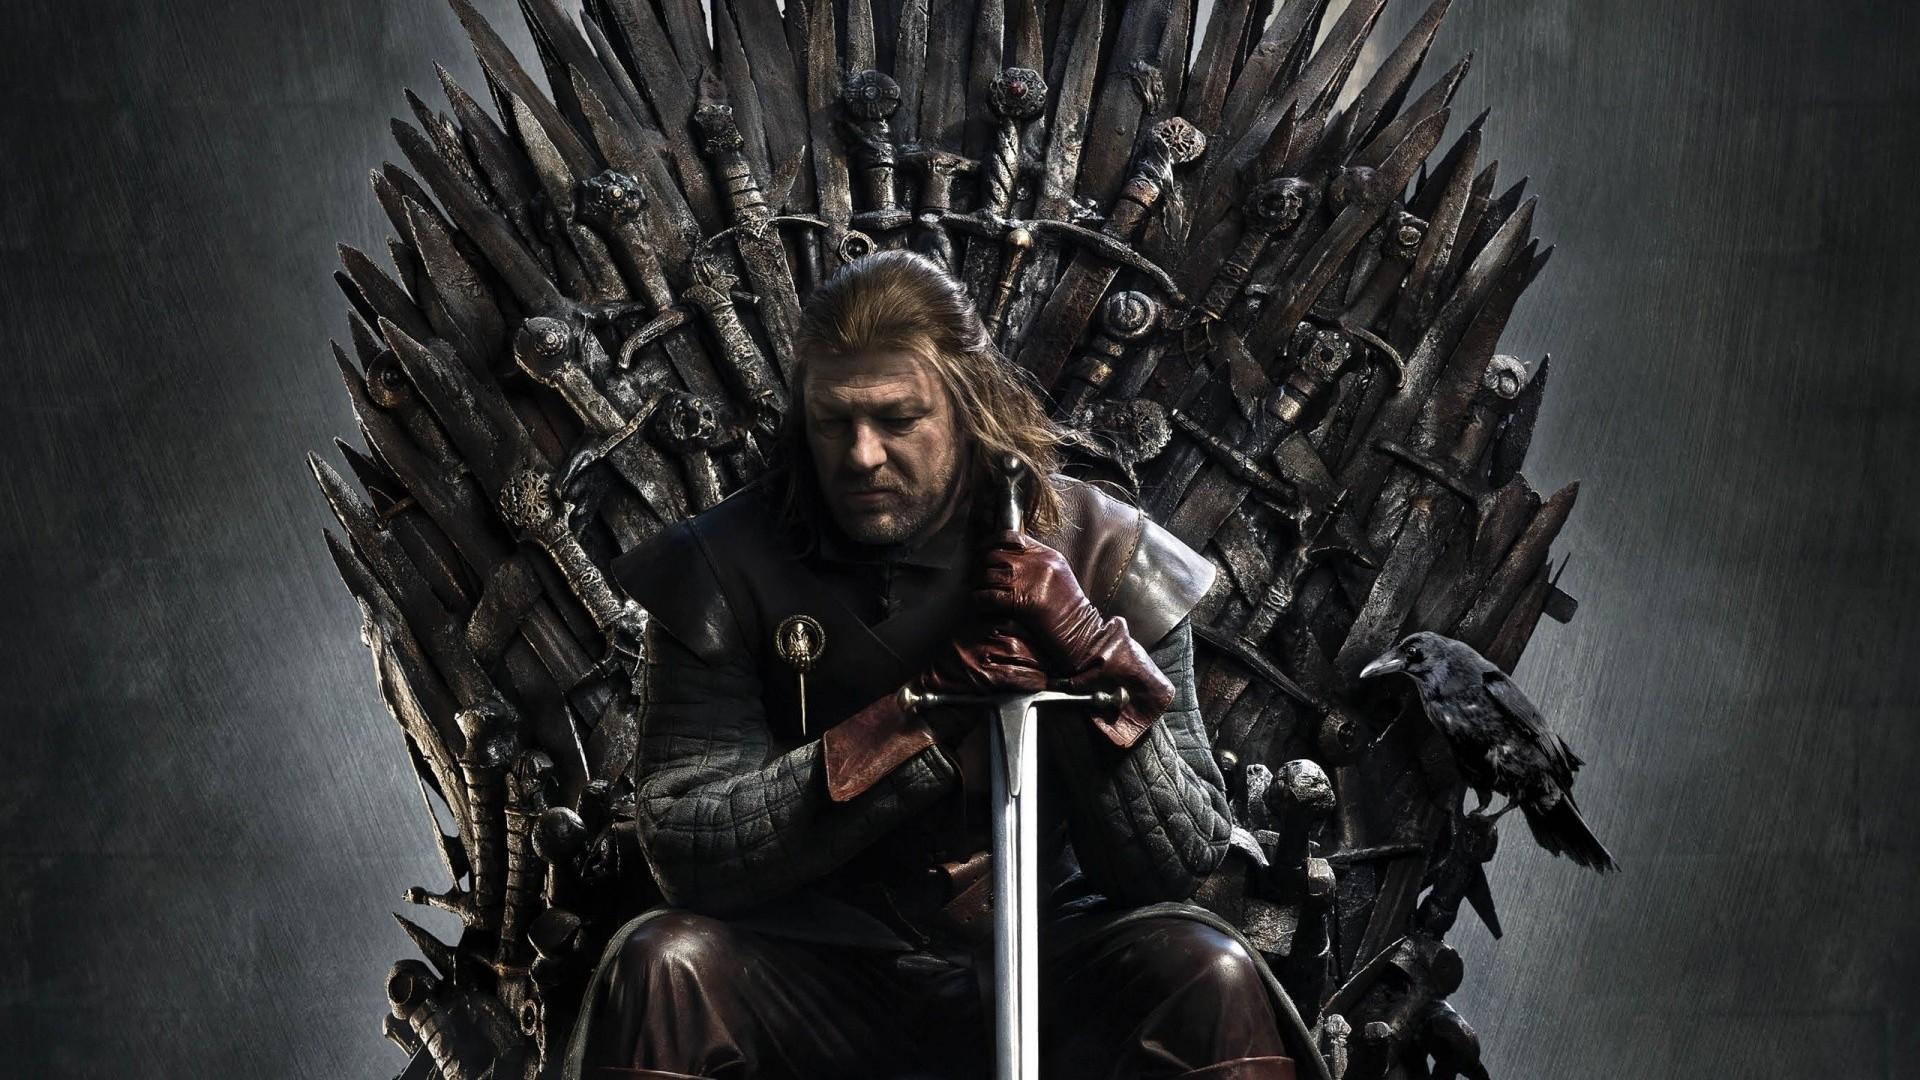 Fond ecran game of thrones